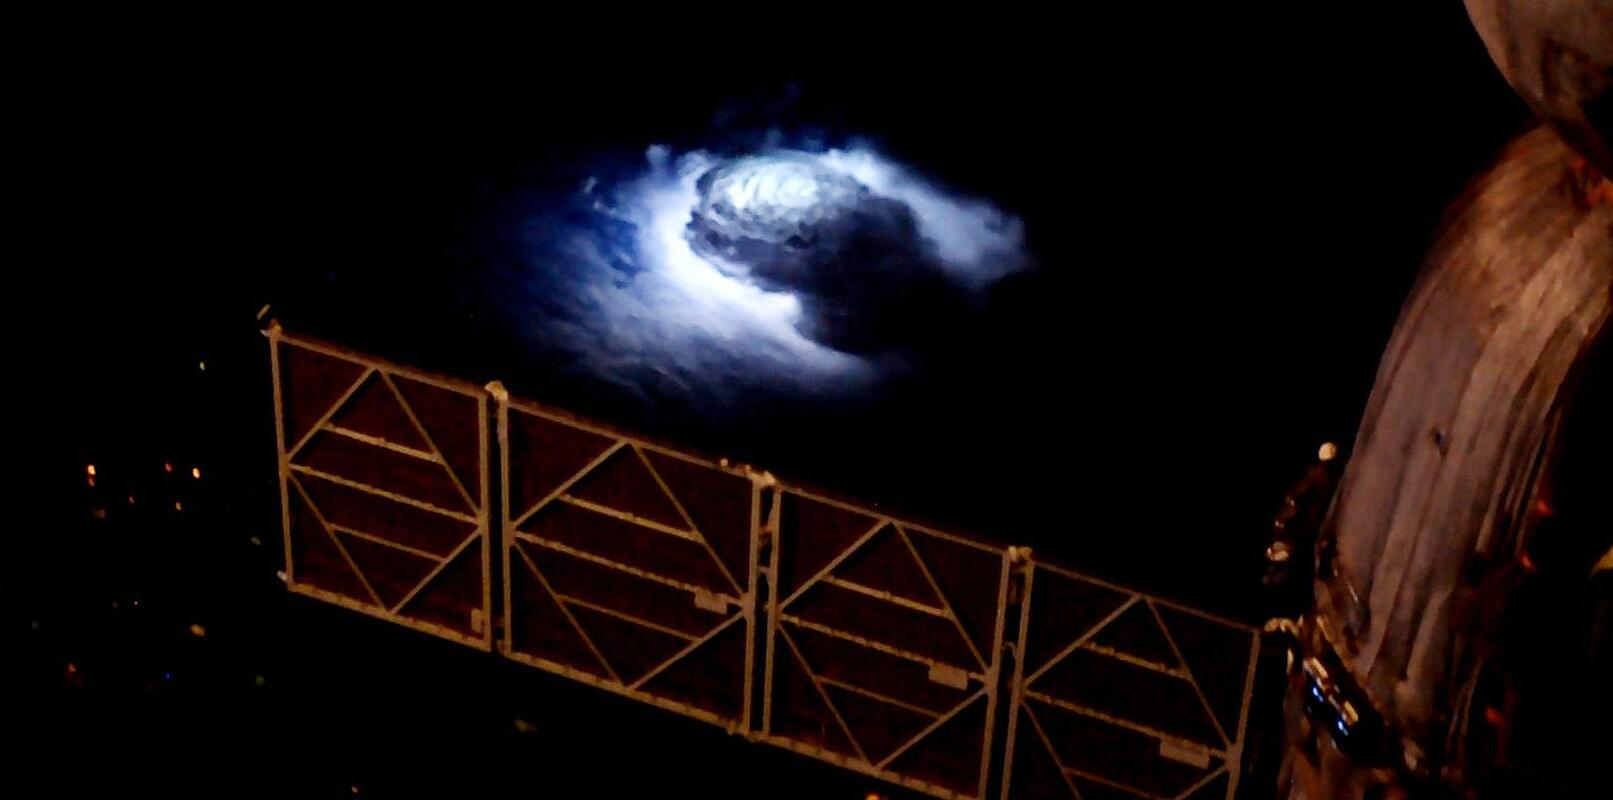 Bild zu Gewittersturm, von der ISS aus aufgenommen